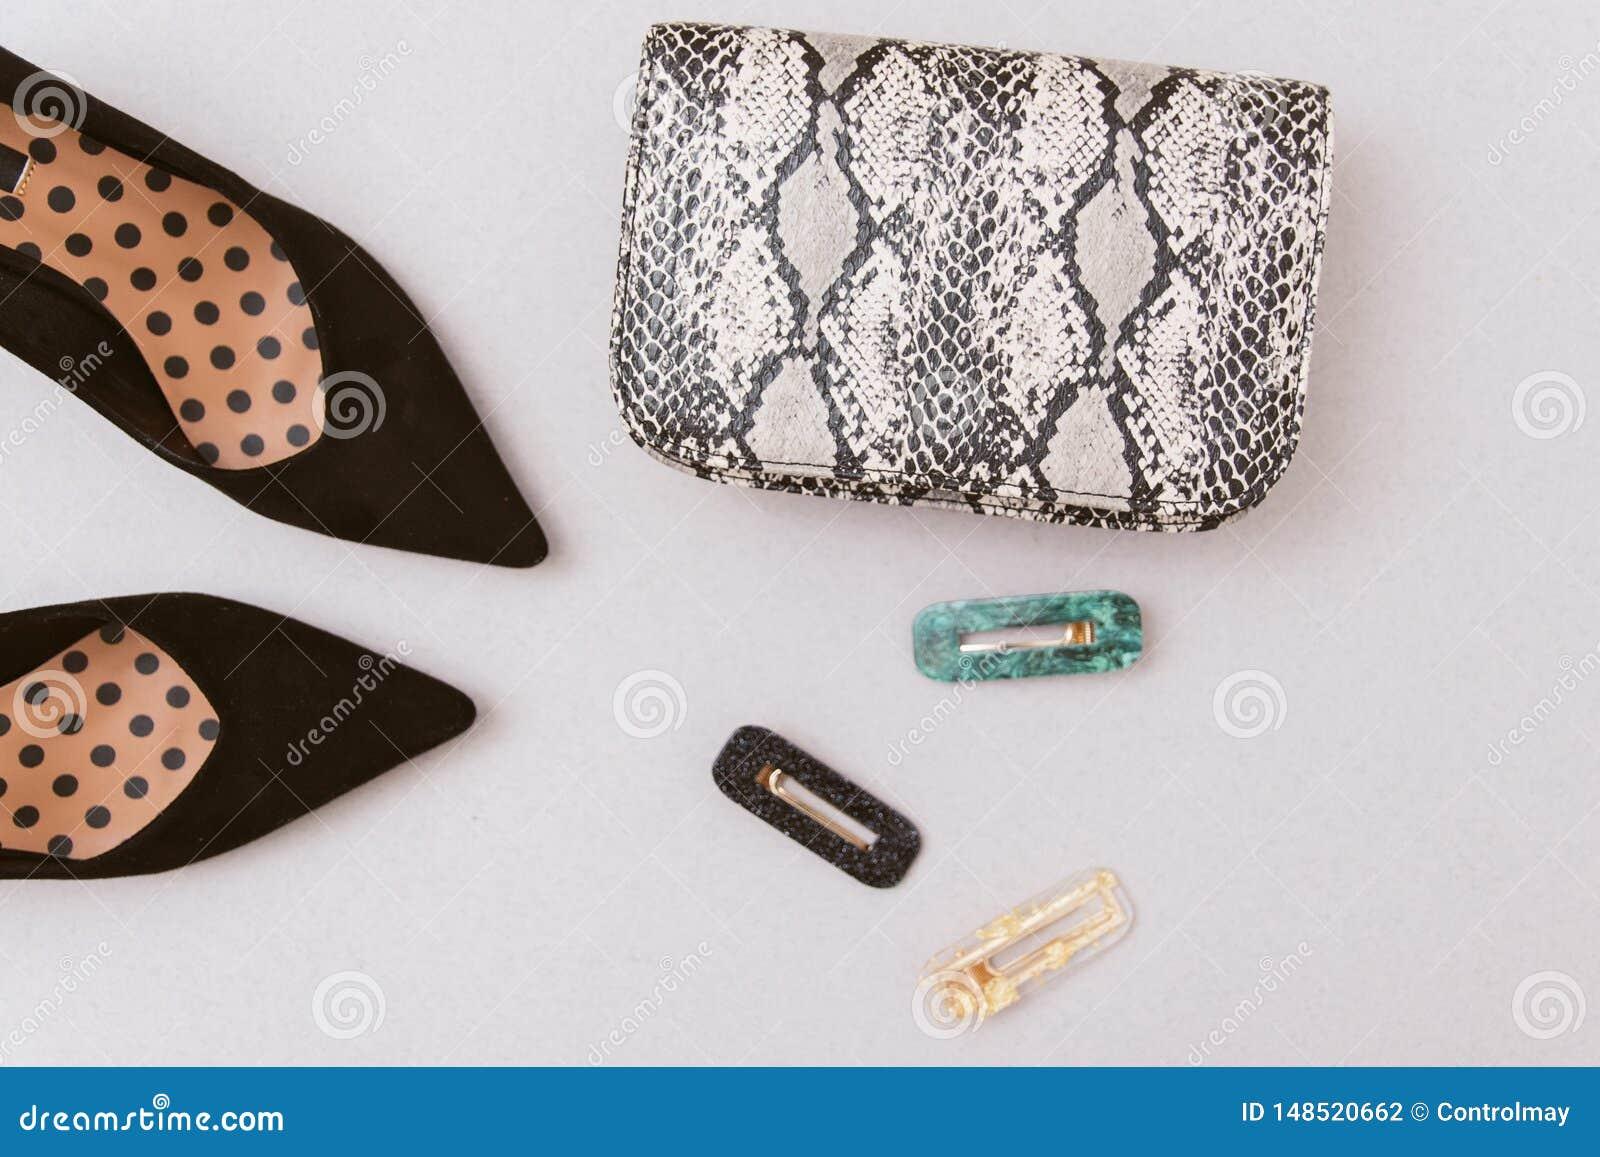 сумка snakeskin, hairpins и черных ботинок на пастельной бежевой предпосылке